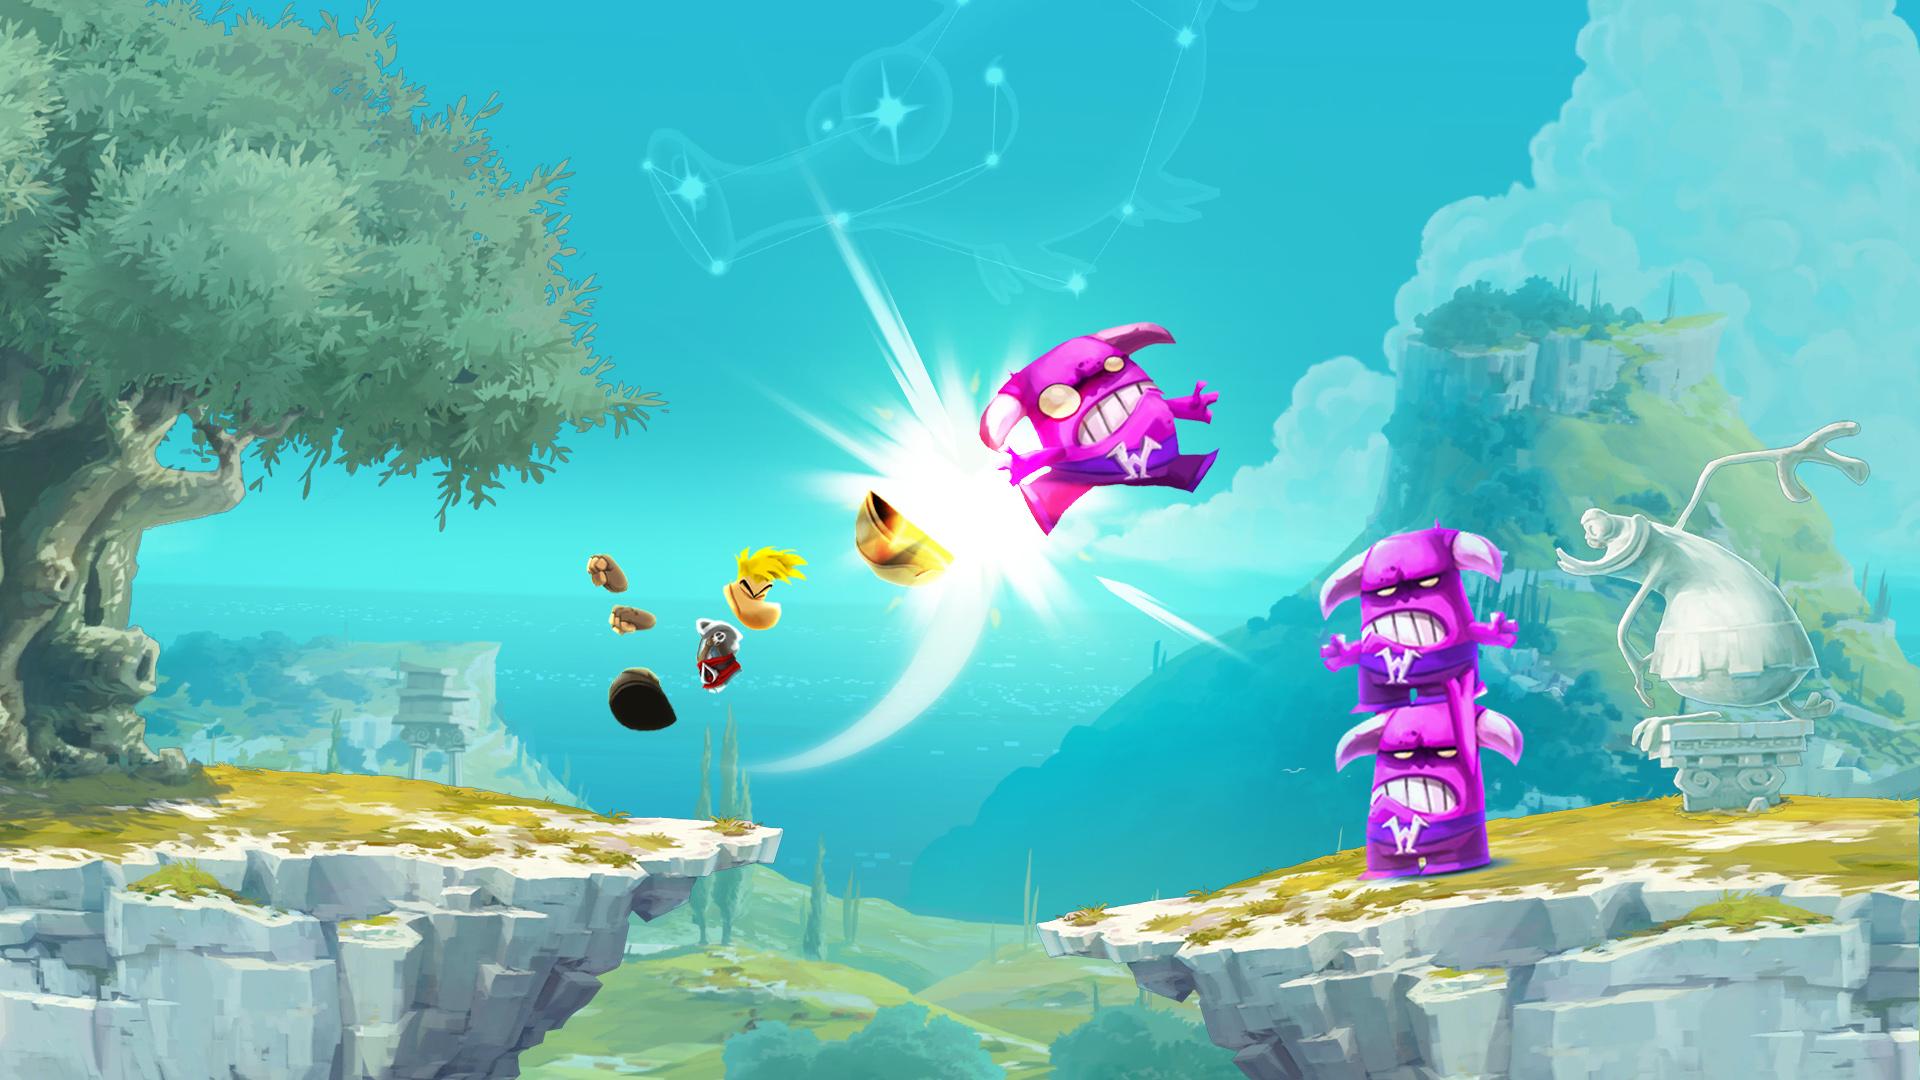 rayman-legends-screenshot-01